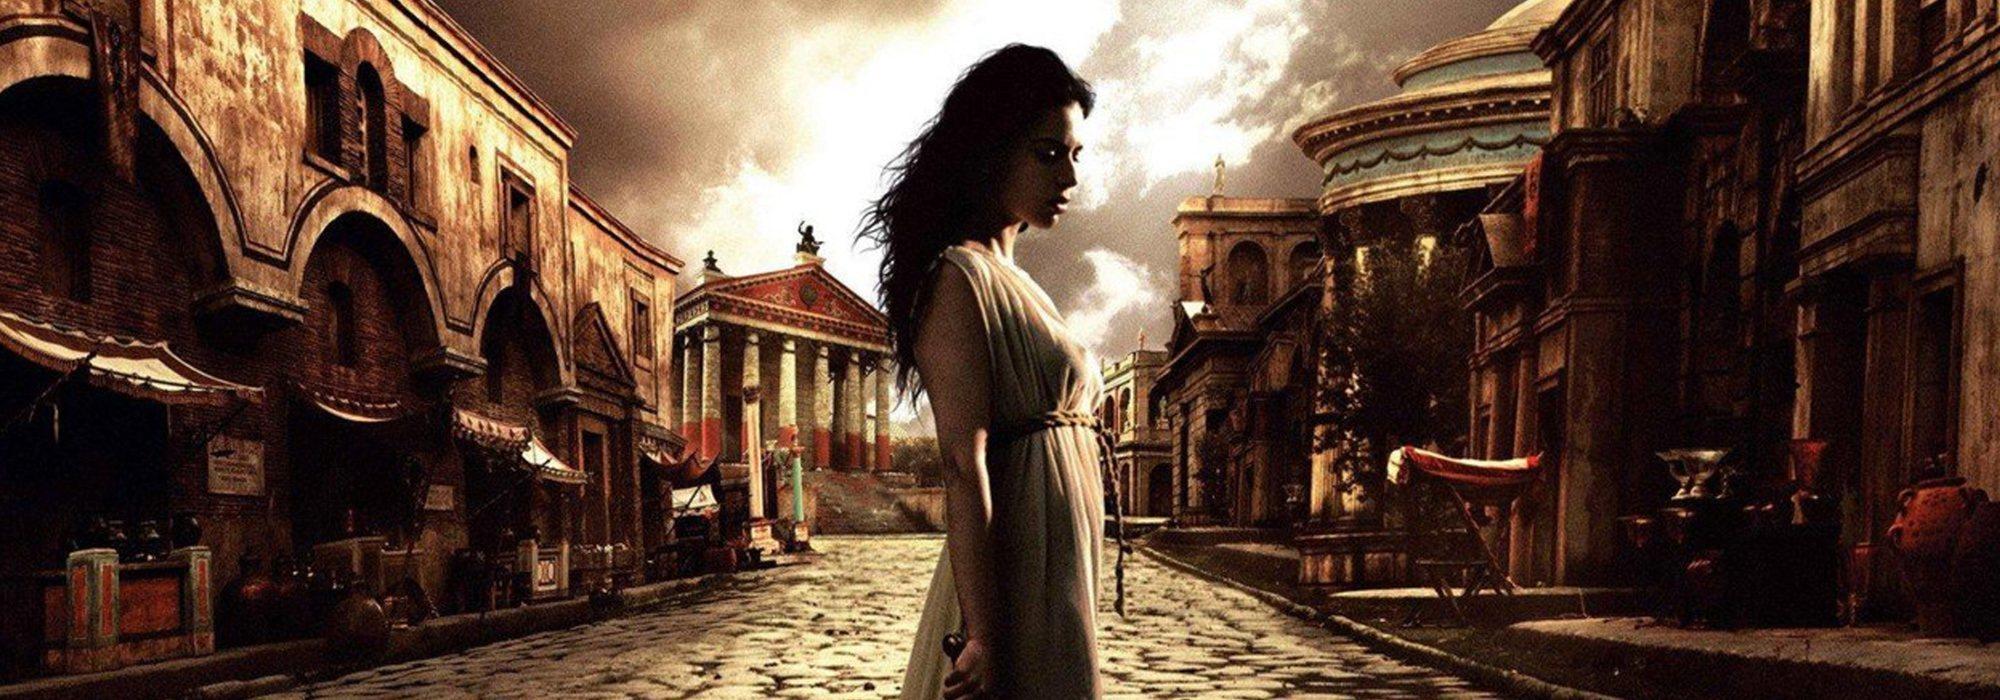 'Roma' pudo ser (pero no fue) el 'Juego de tronos' basado en hechos reales